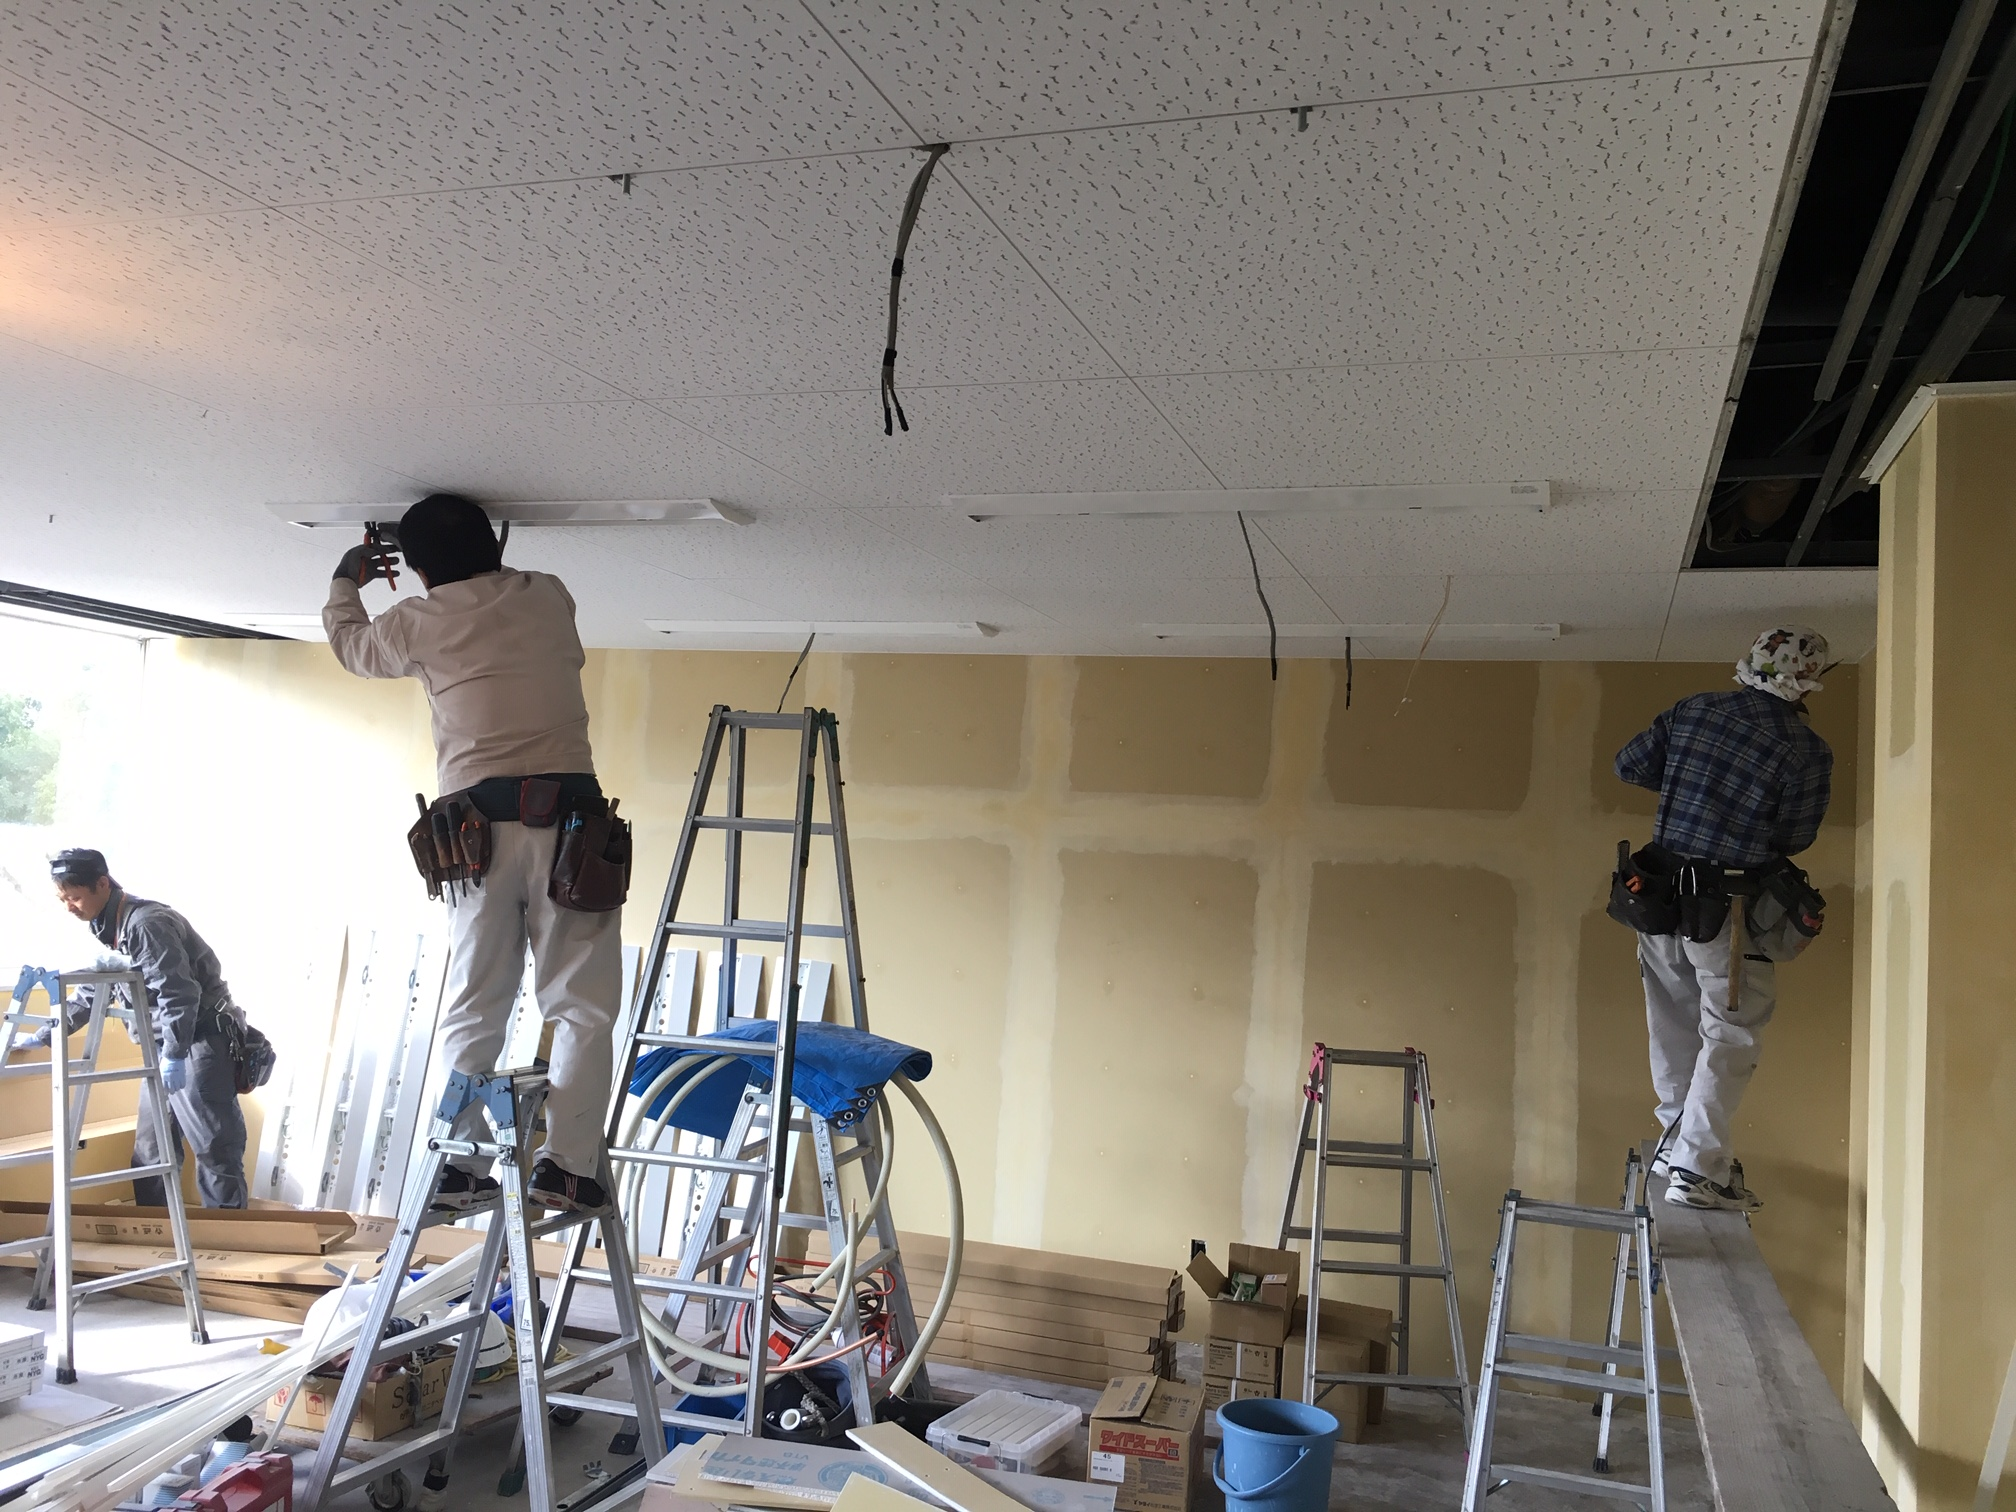 天井張り替え後、LED照明を設置